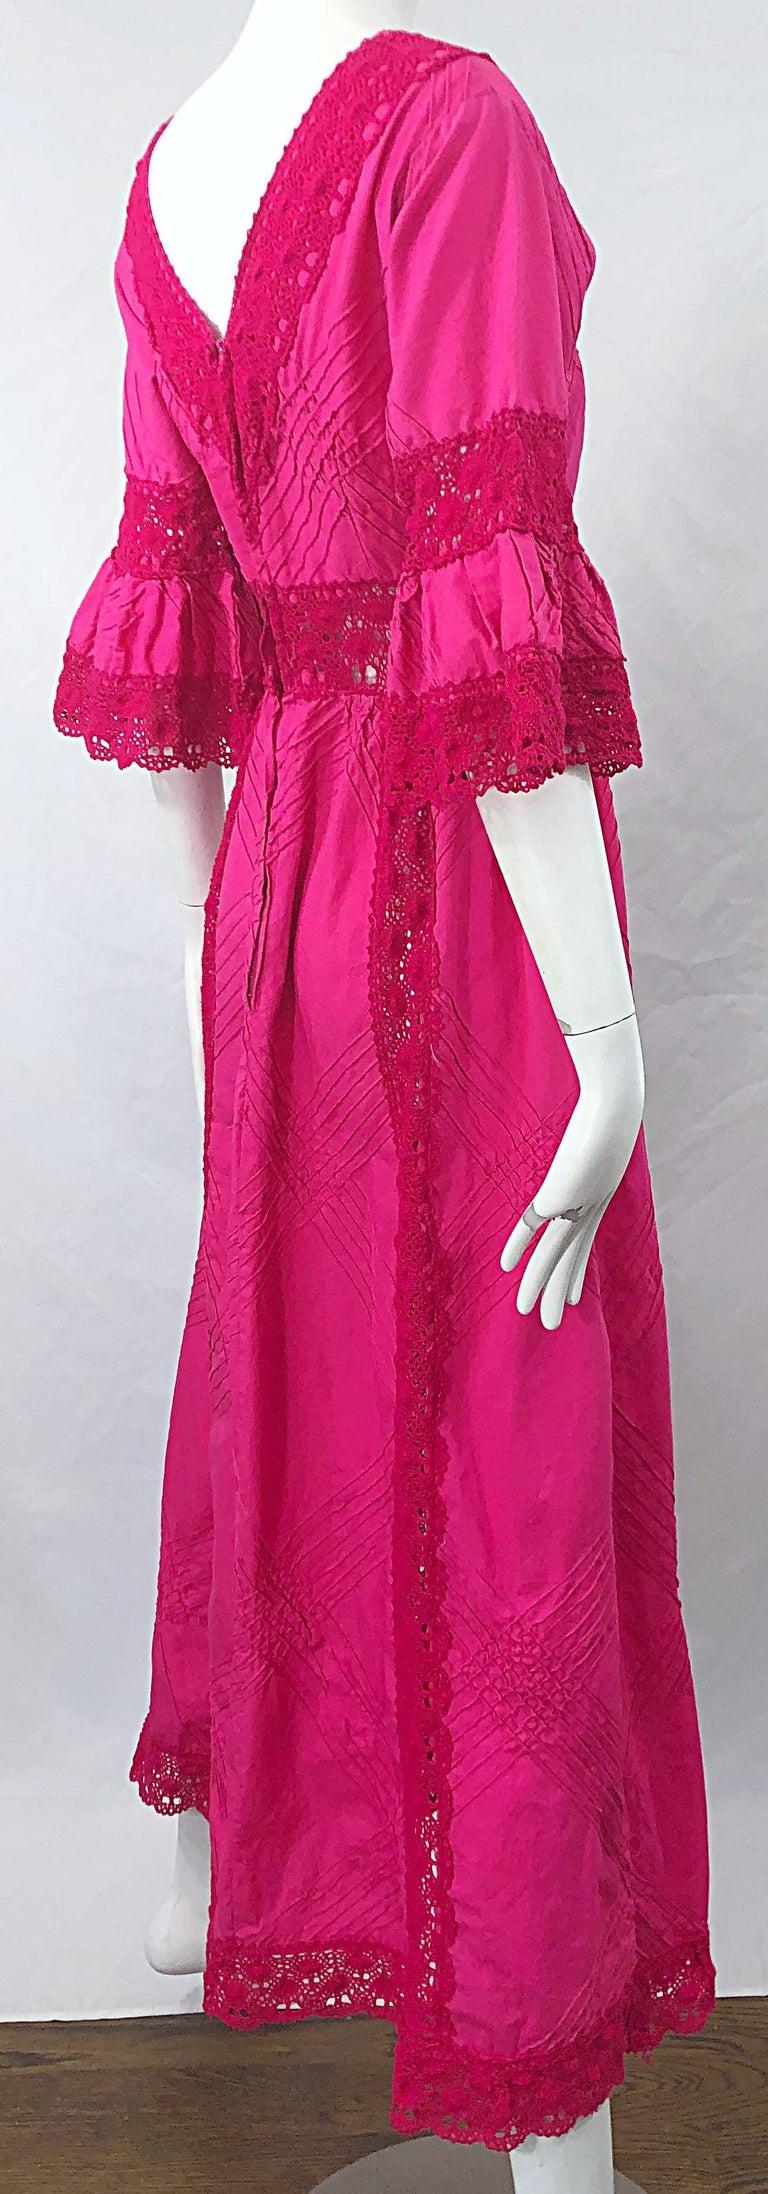 1970s Tachi Castillo Hot Pink Mexican Crochet Vintage Cotton 70s Maxi Dress For Sale 6